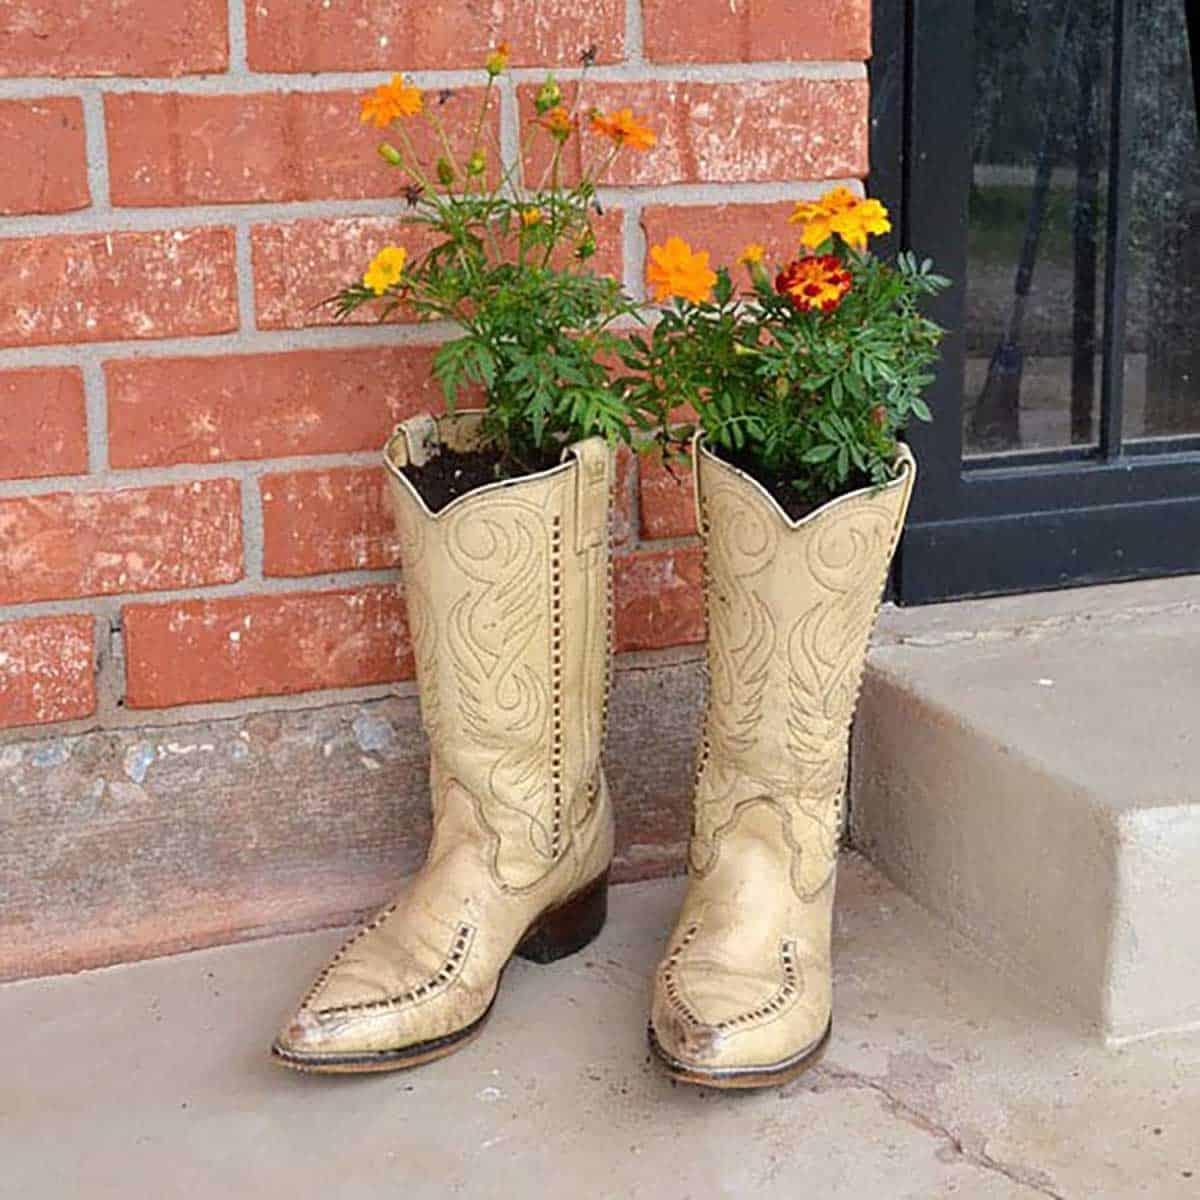 Клумба в ботинке: 46 оригинальных контейнеров для растений из старой обуви